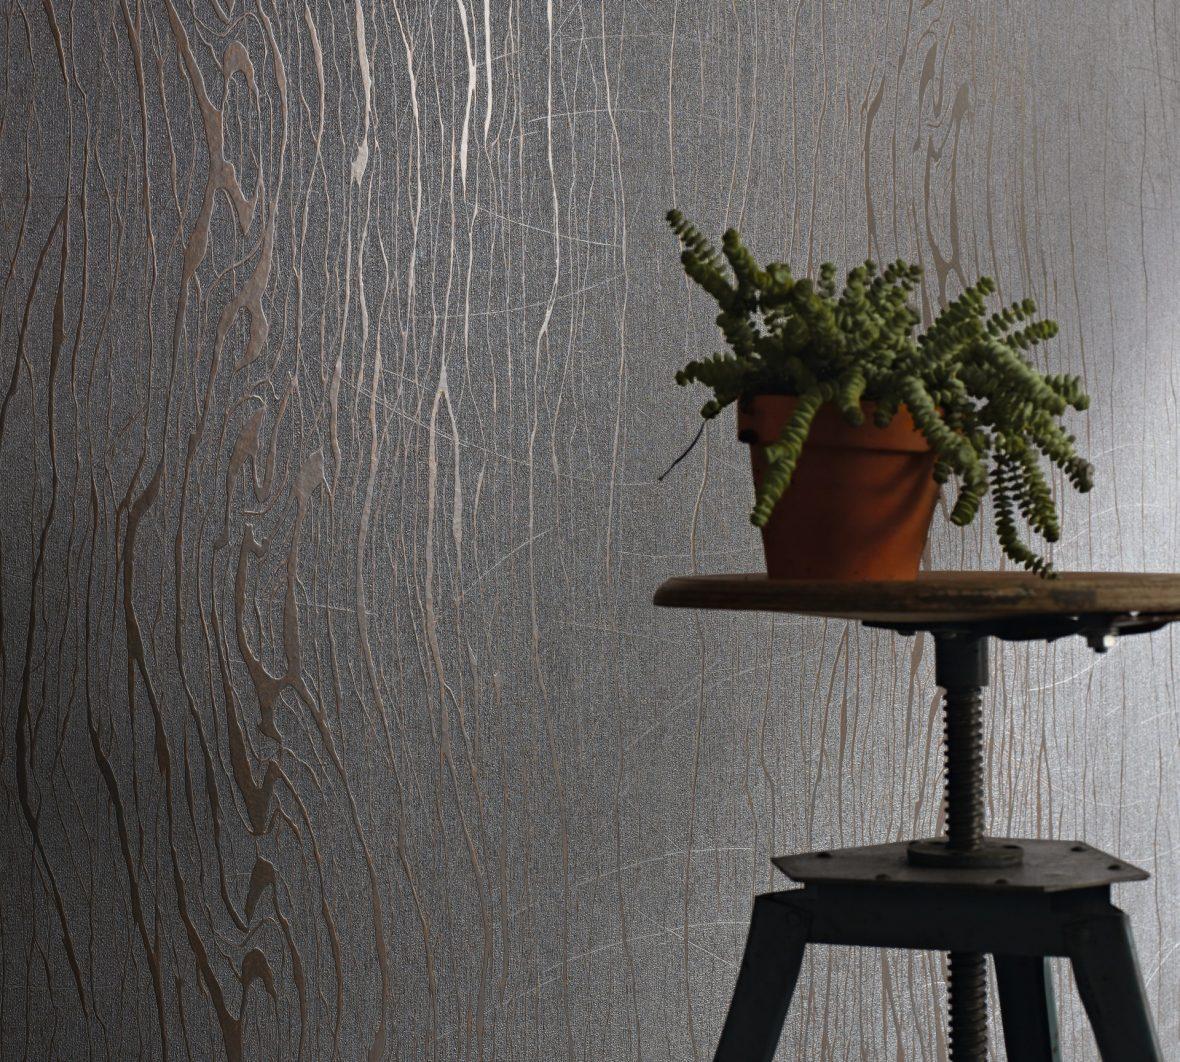 Tapeten Hannover tapeten die wandexperten aus hannover stellen designerwelten